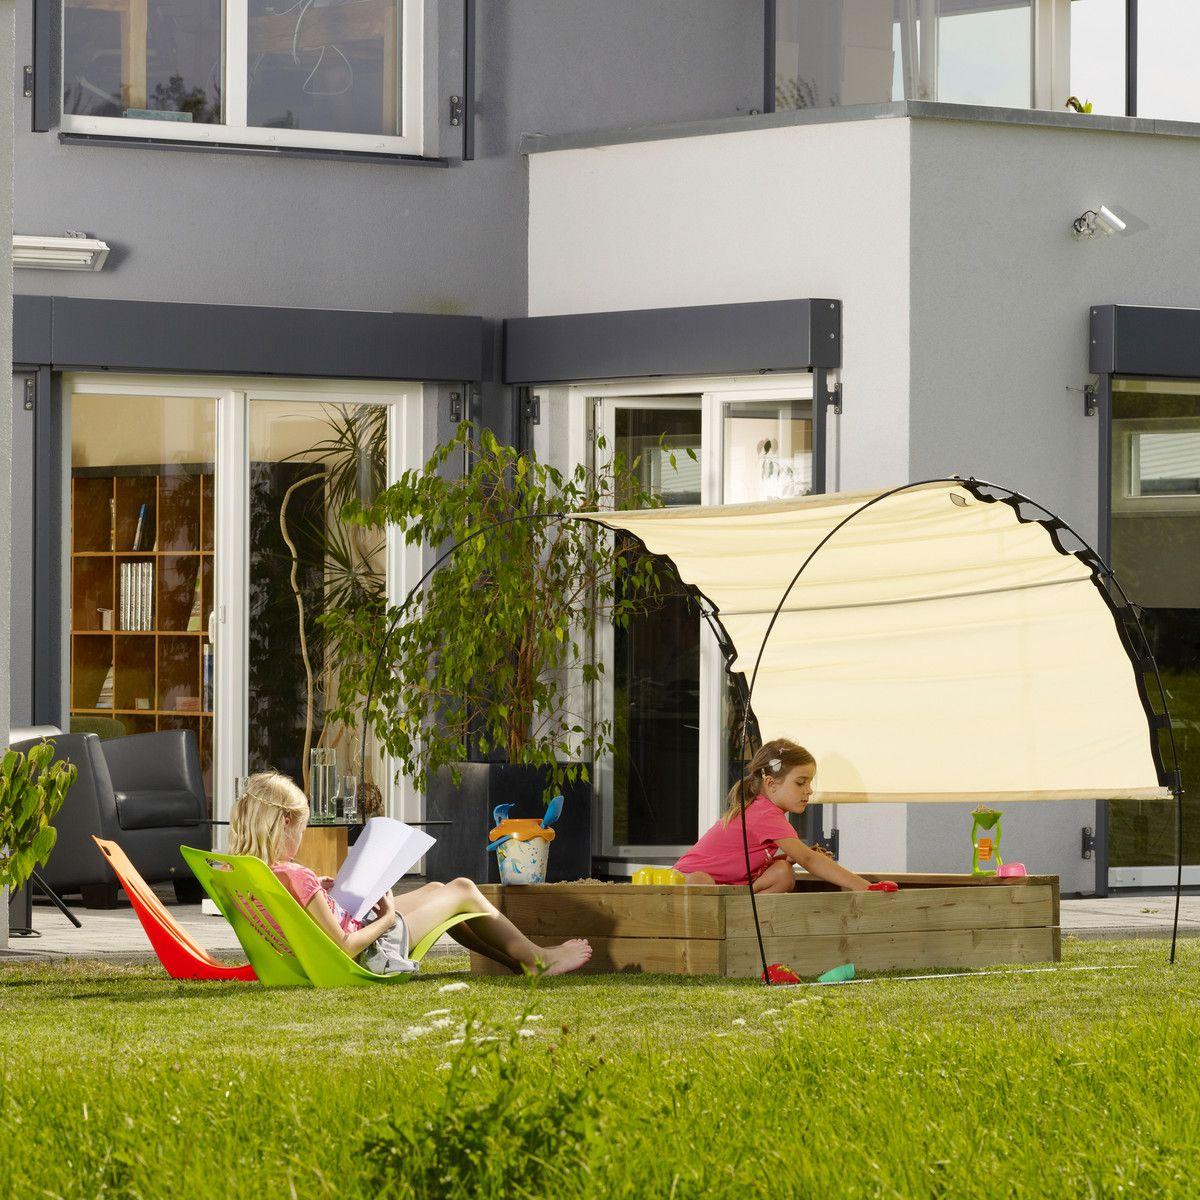 17 Best Ideas About Sonnenschutz Garten On Pinterest | Beschattung ... Veranda Mit Uberdachung Haus Fruhling